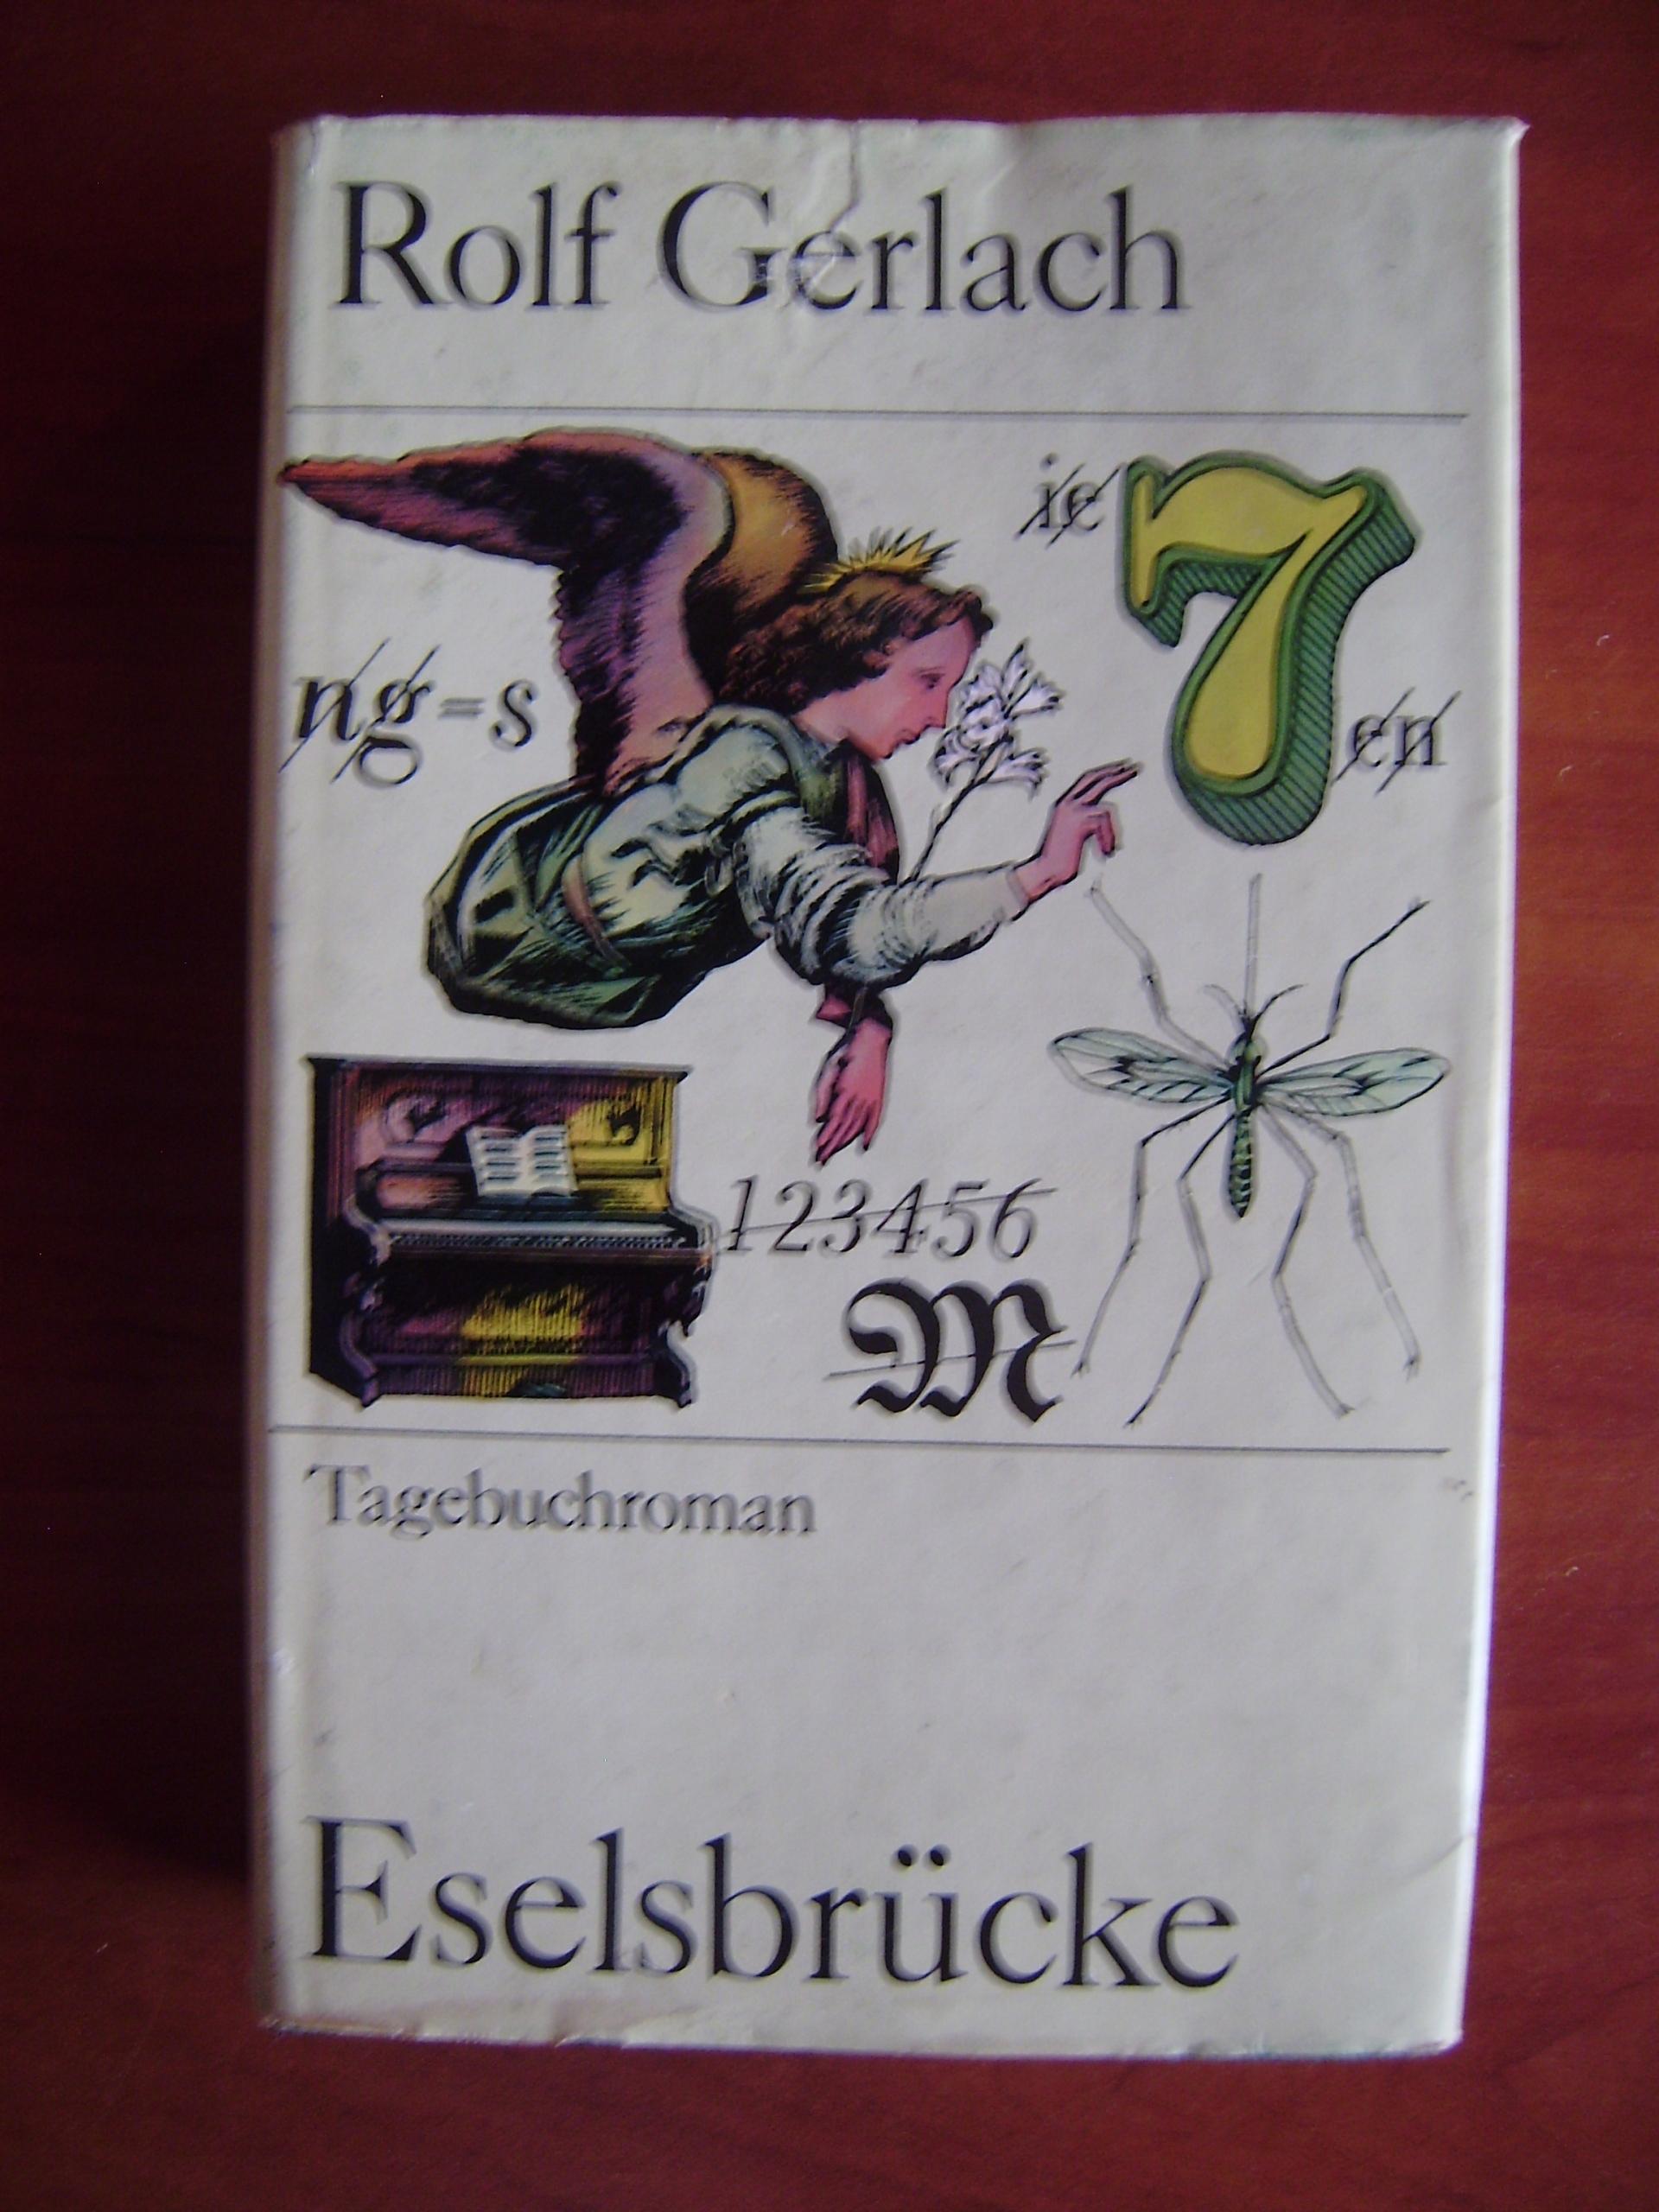 Rolf Gerlach, Eselsbrucke Tagebuchroman